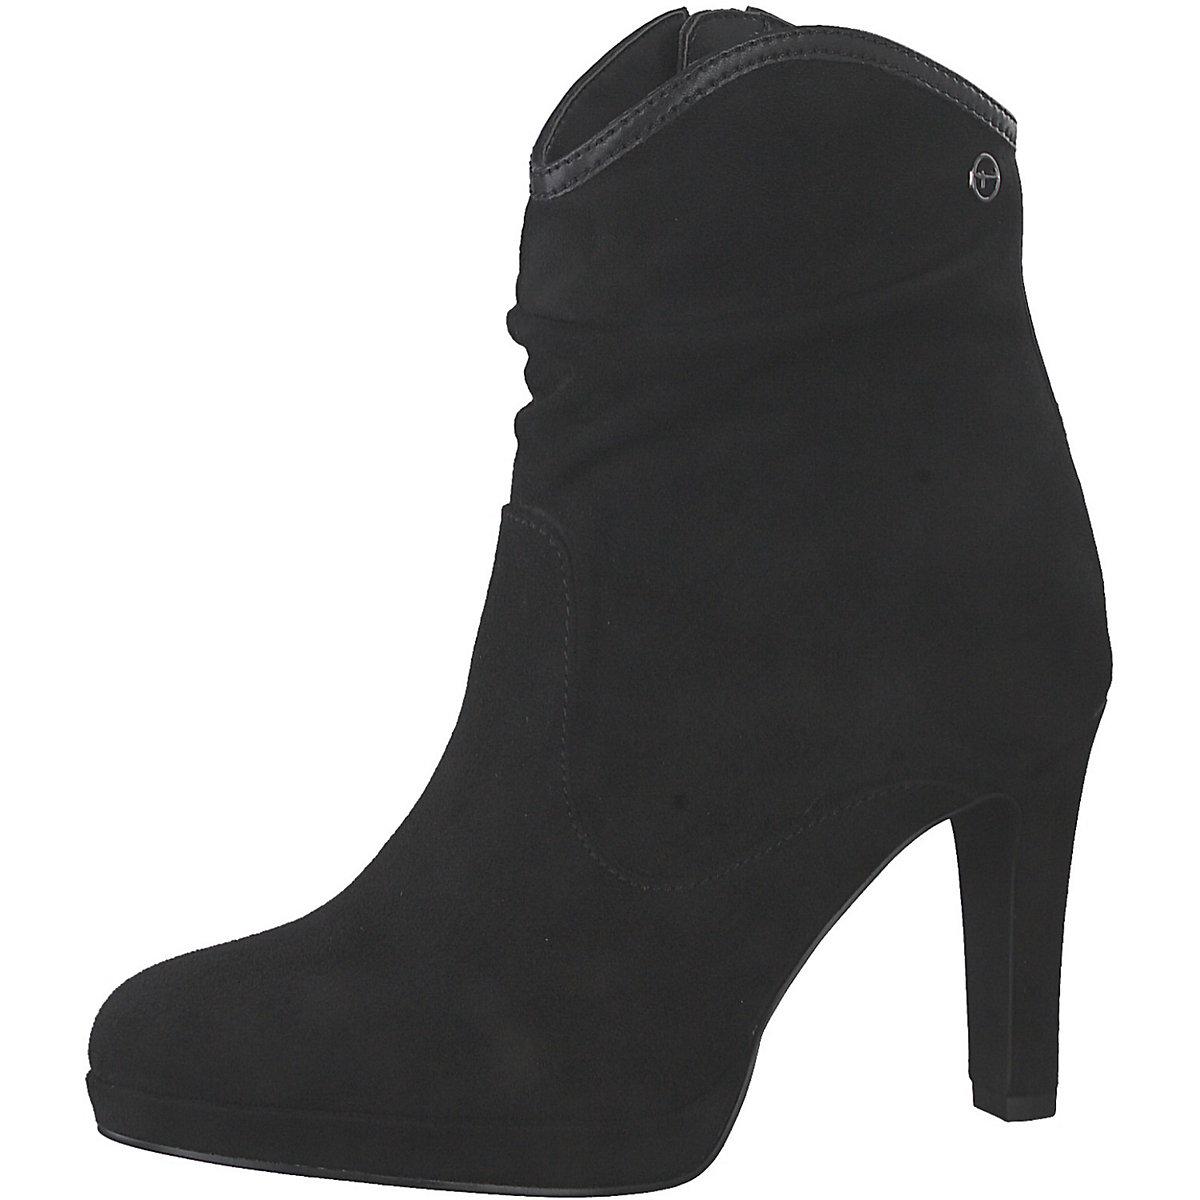 Tamaris, Klassische Stiefeletten, schwarz  Gute Qualität beliebte Schuhe